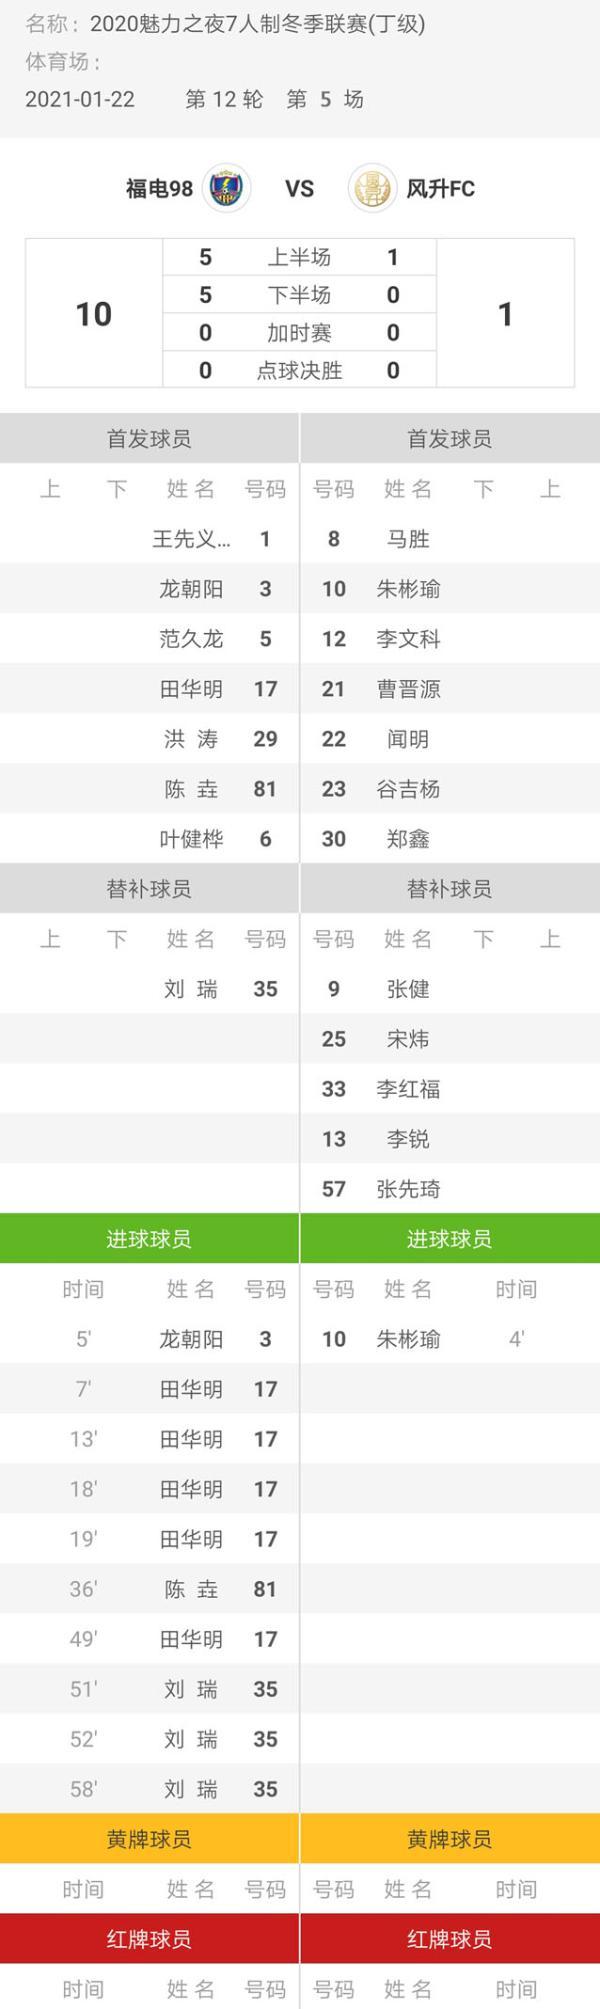 魅力之夜2020七人制足球冬季联赛结束FC1-10福典98